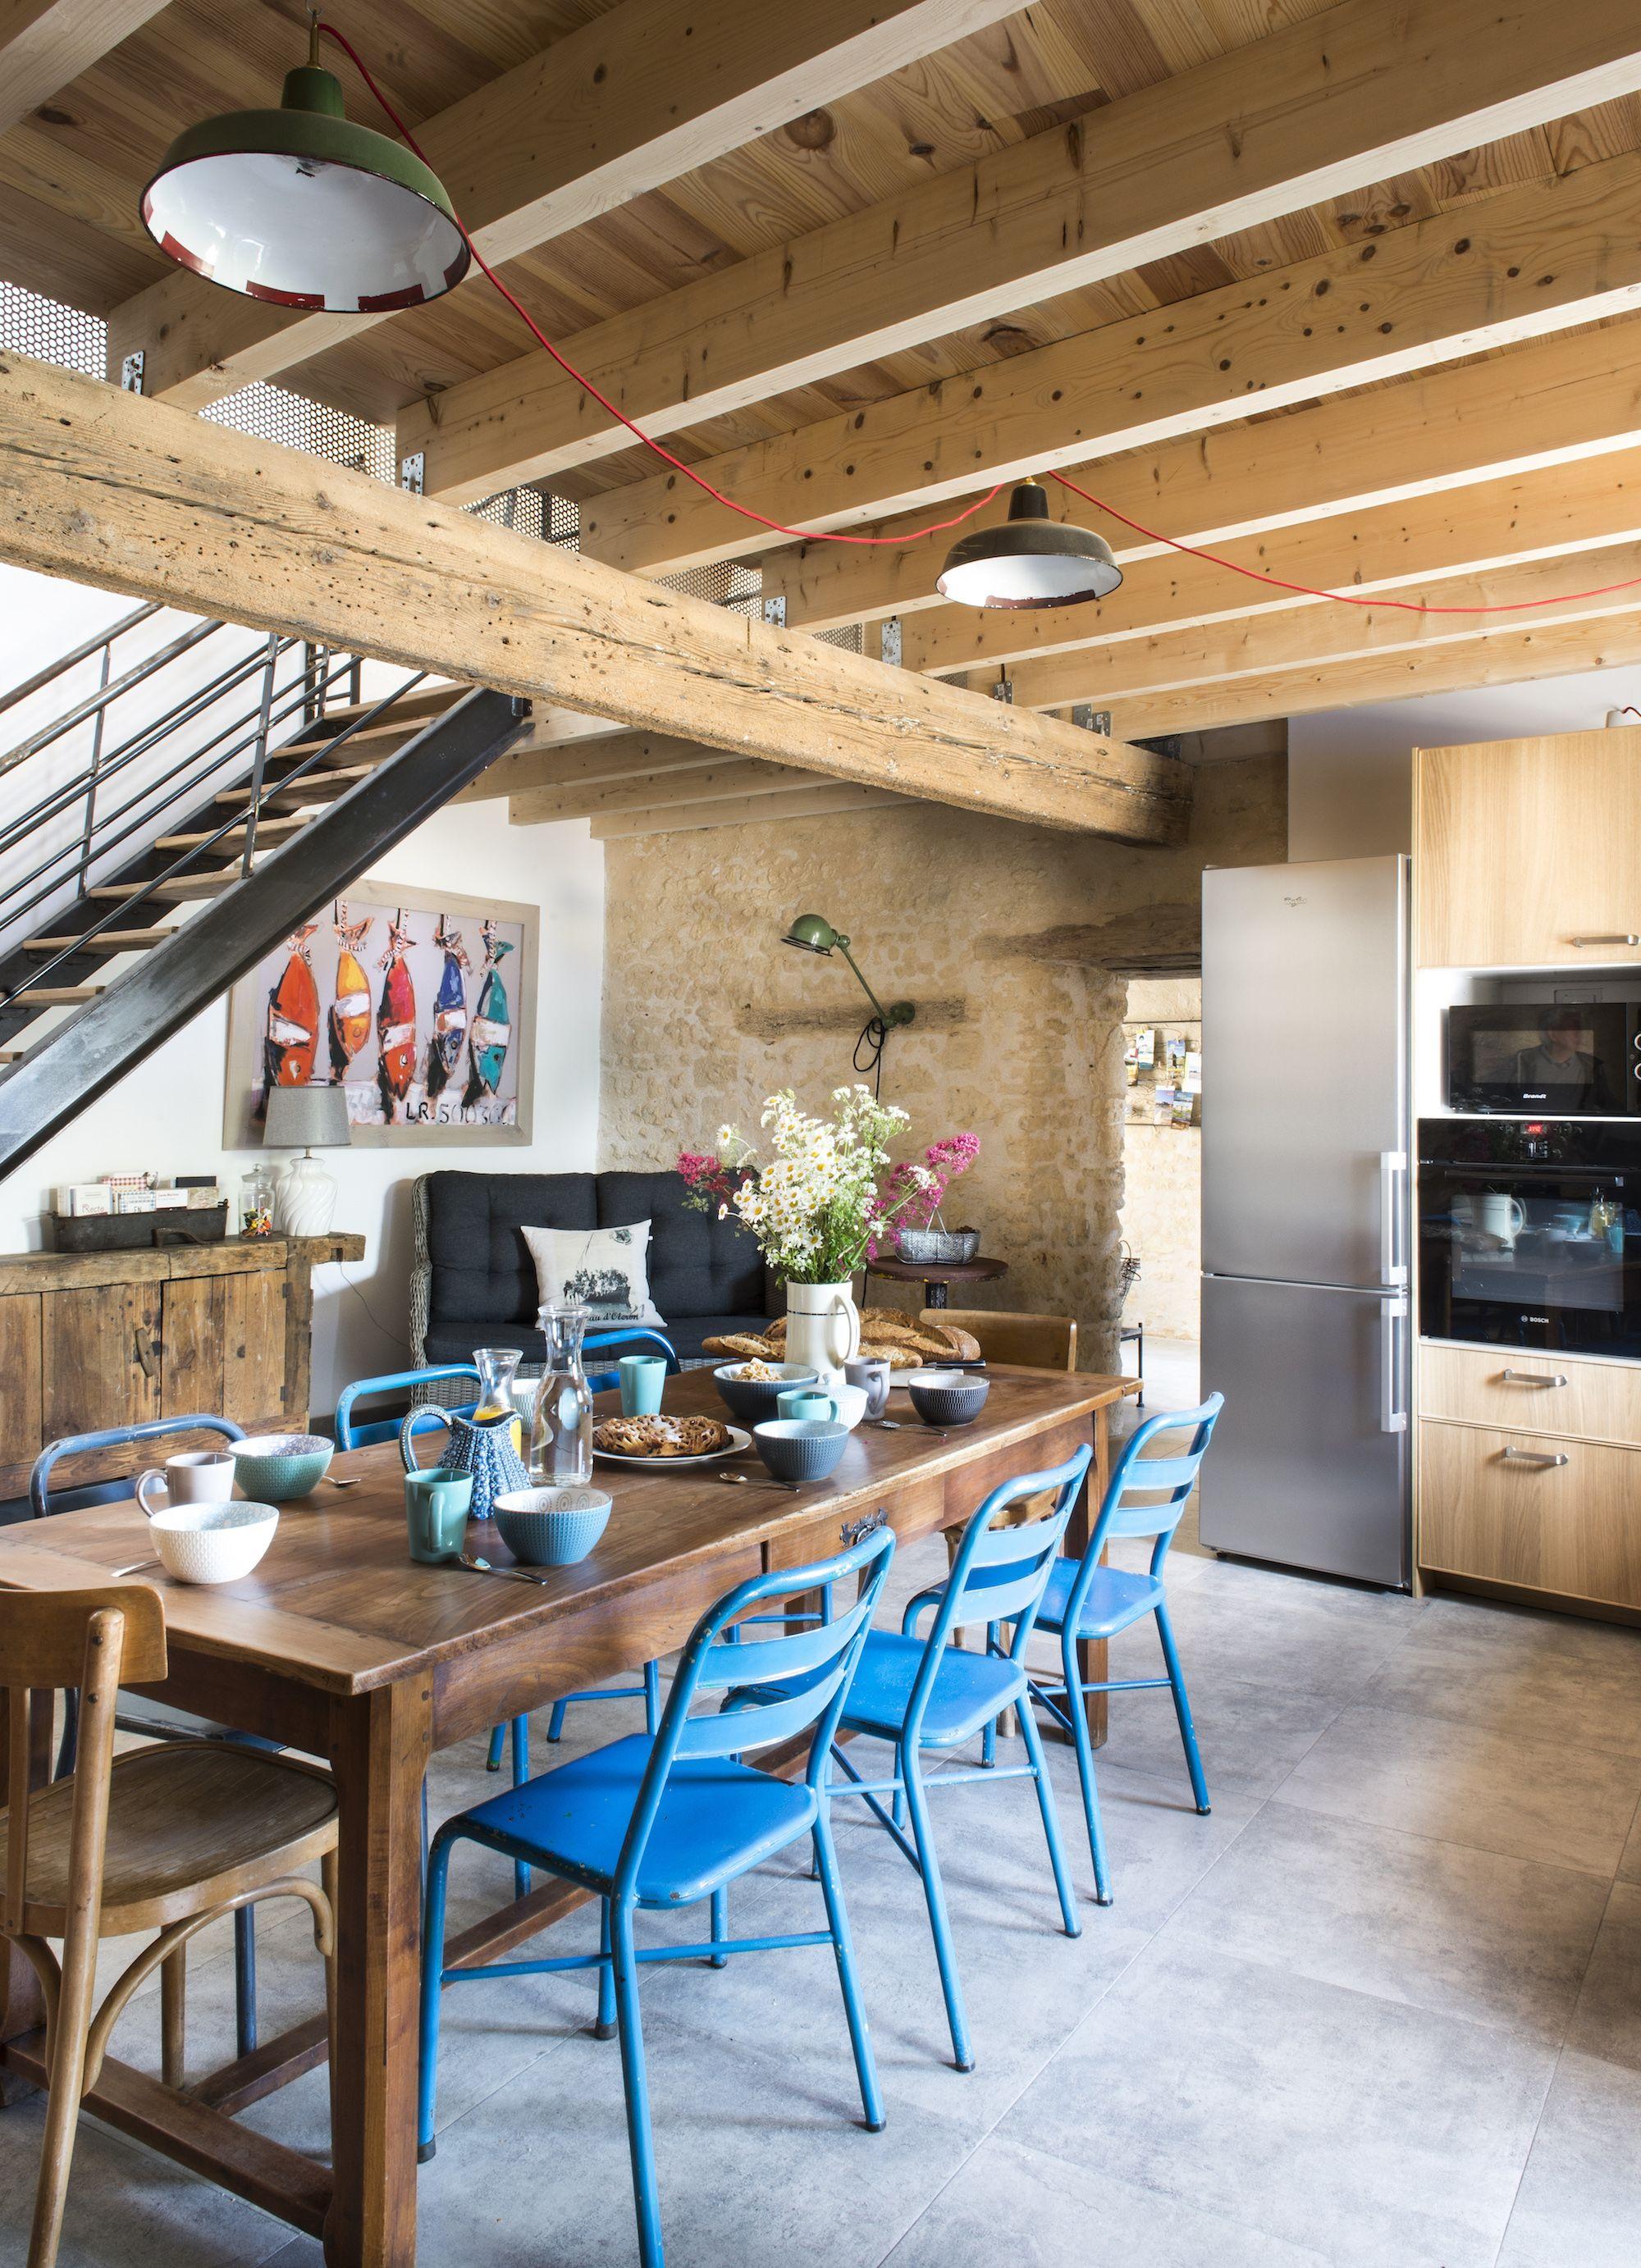 Un Interieur Meuble Avec Des Objets De Recup Table Bois Brut Cuisine Bois Table Cuisine